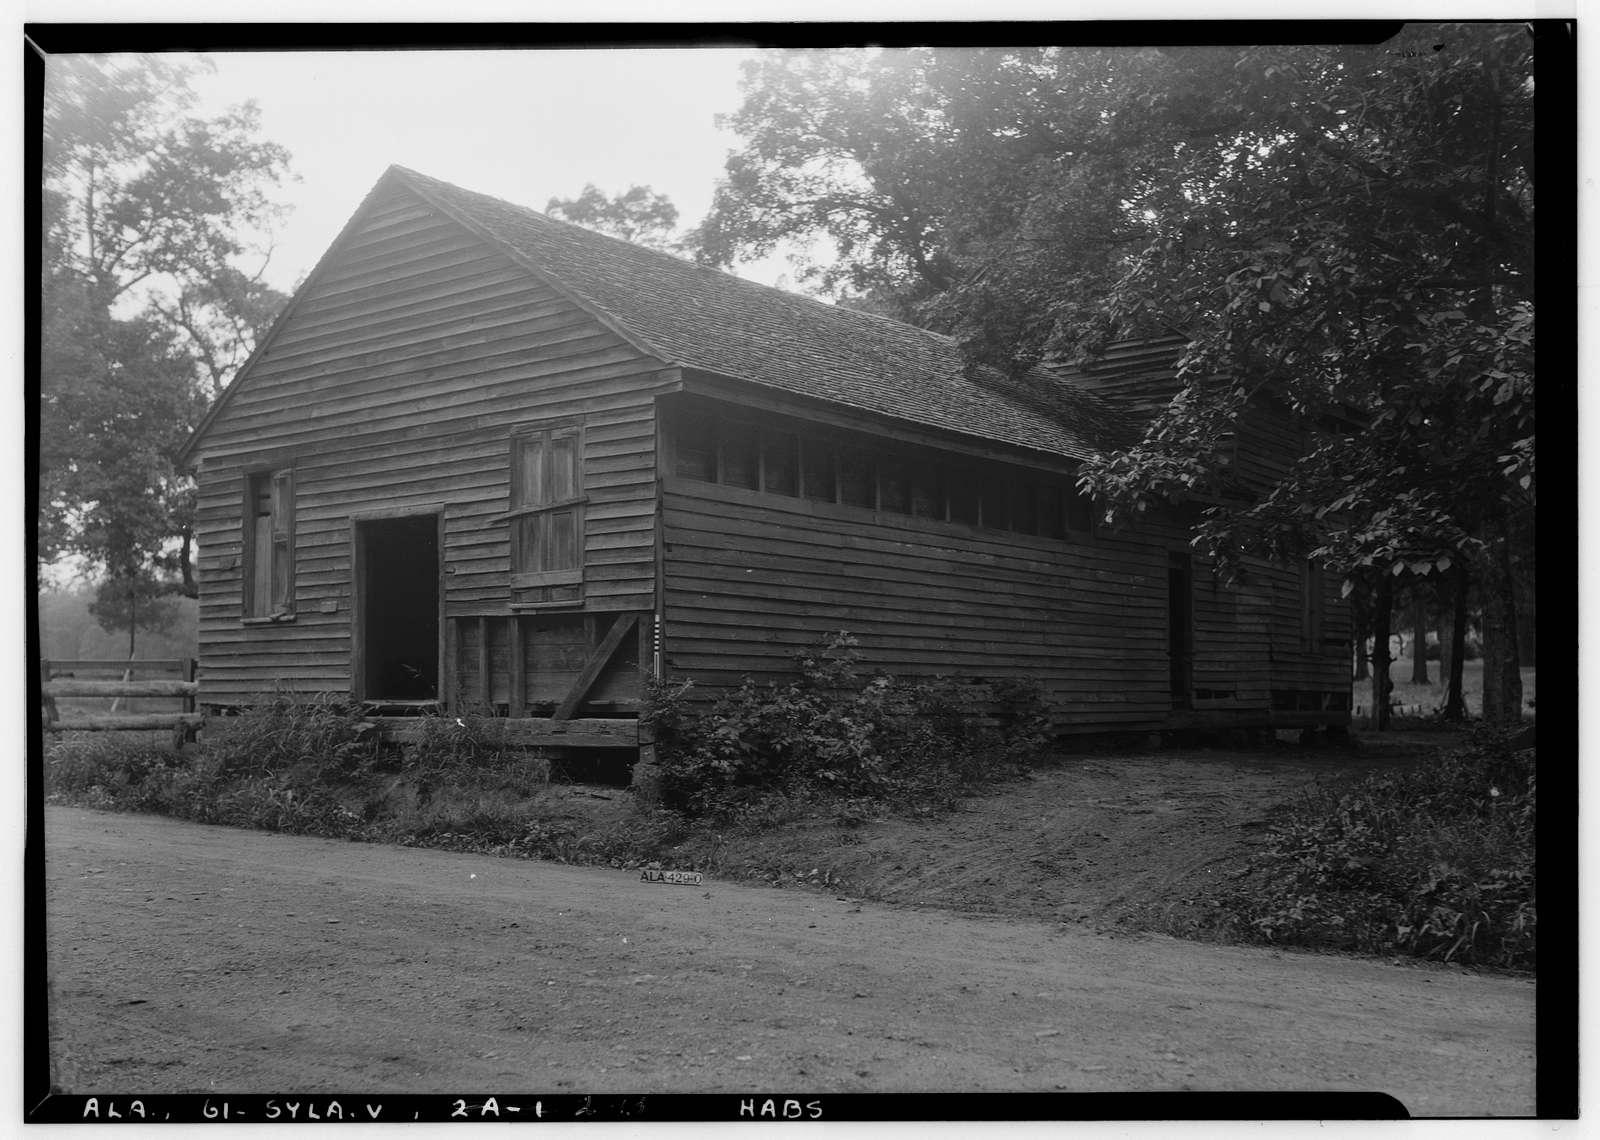 Wewoka, Riser Mill Road, Sylacauga, Talladega County, AL